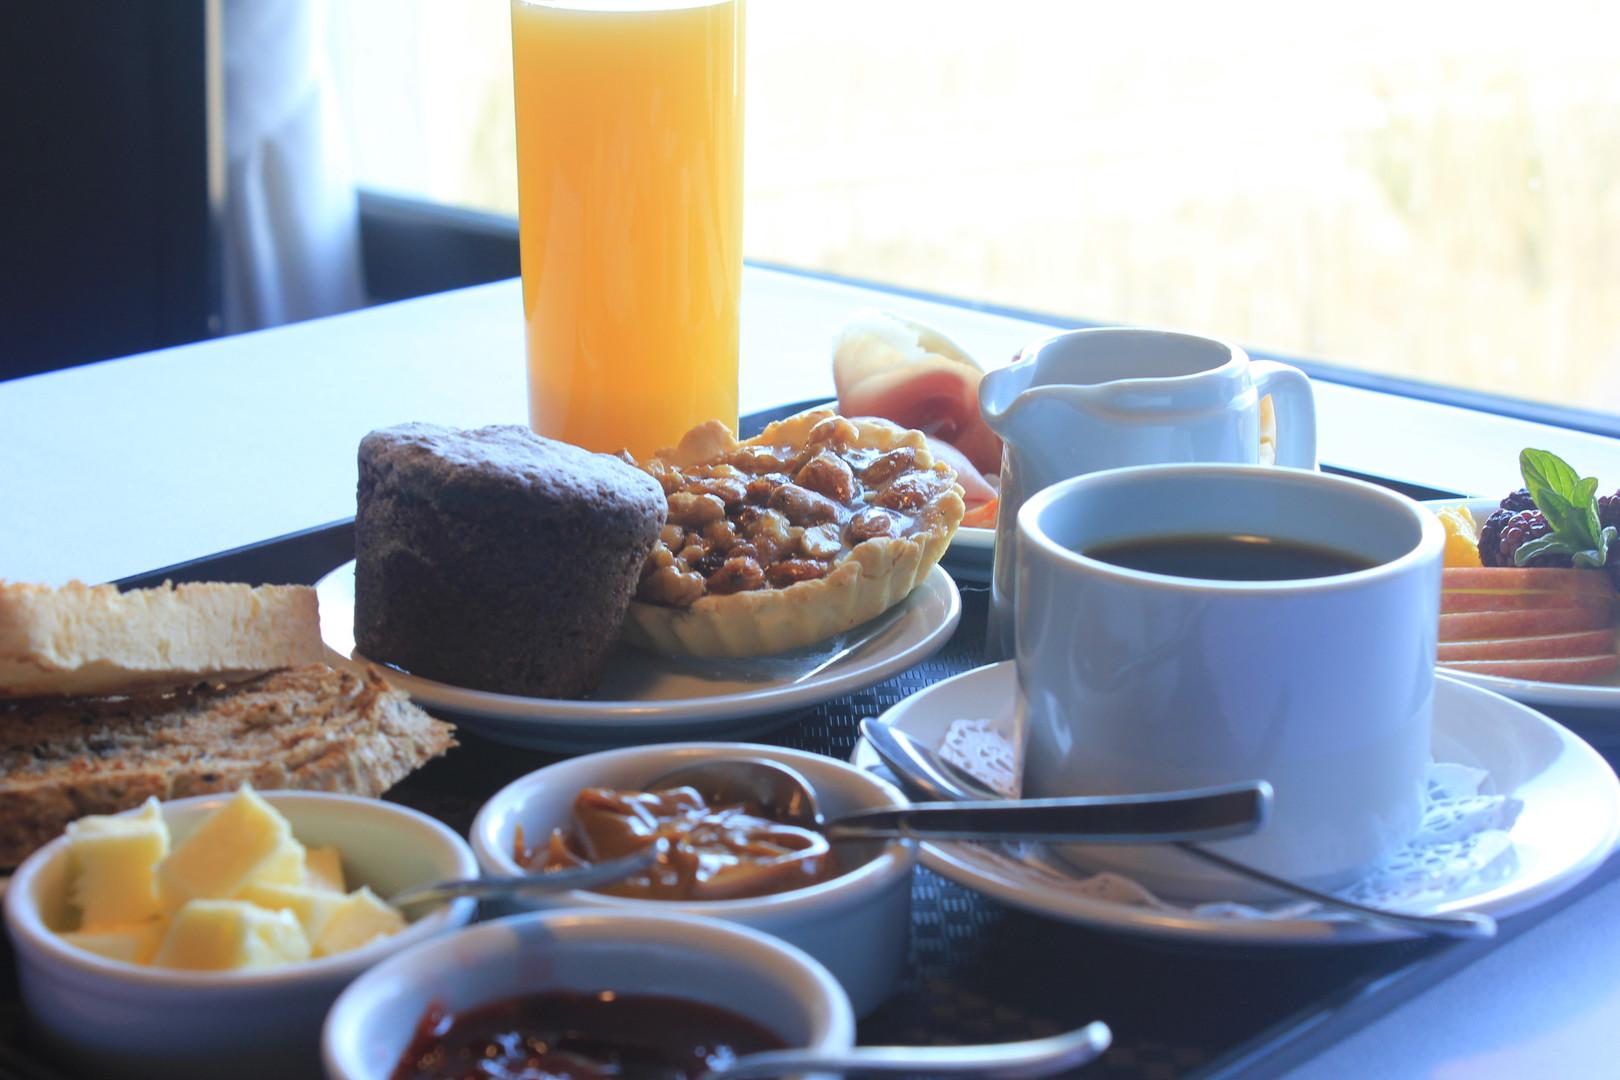 Desayuno patagonia 2.JPG